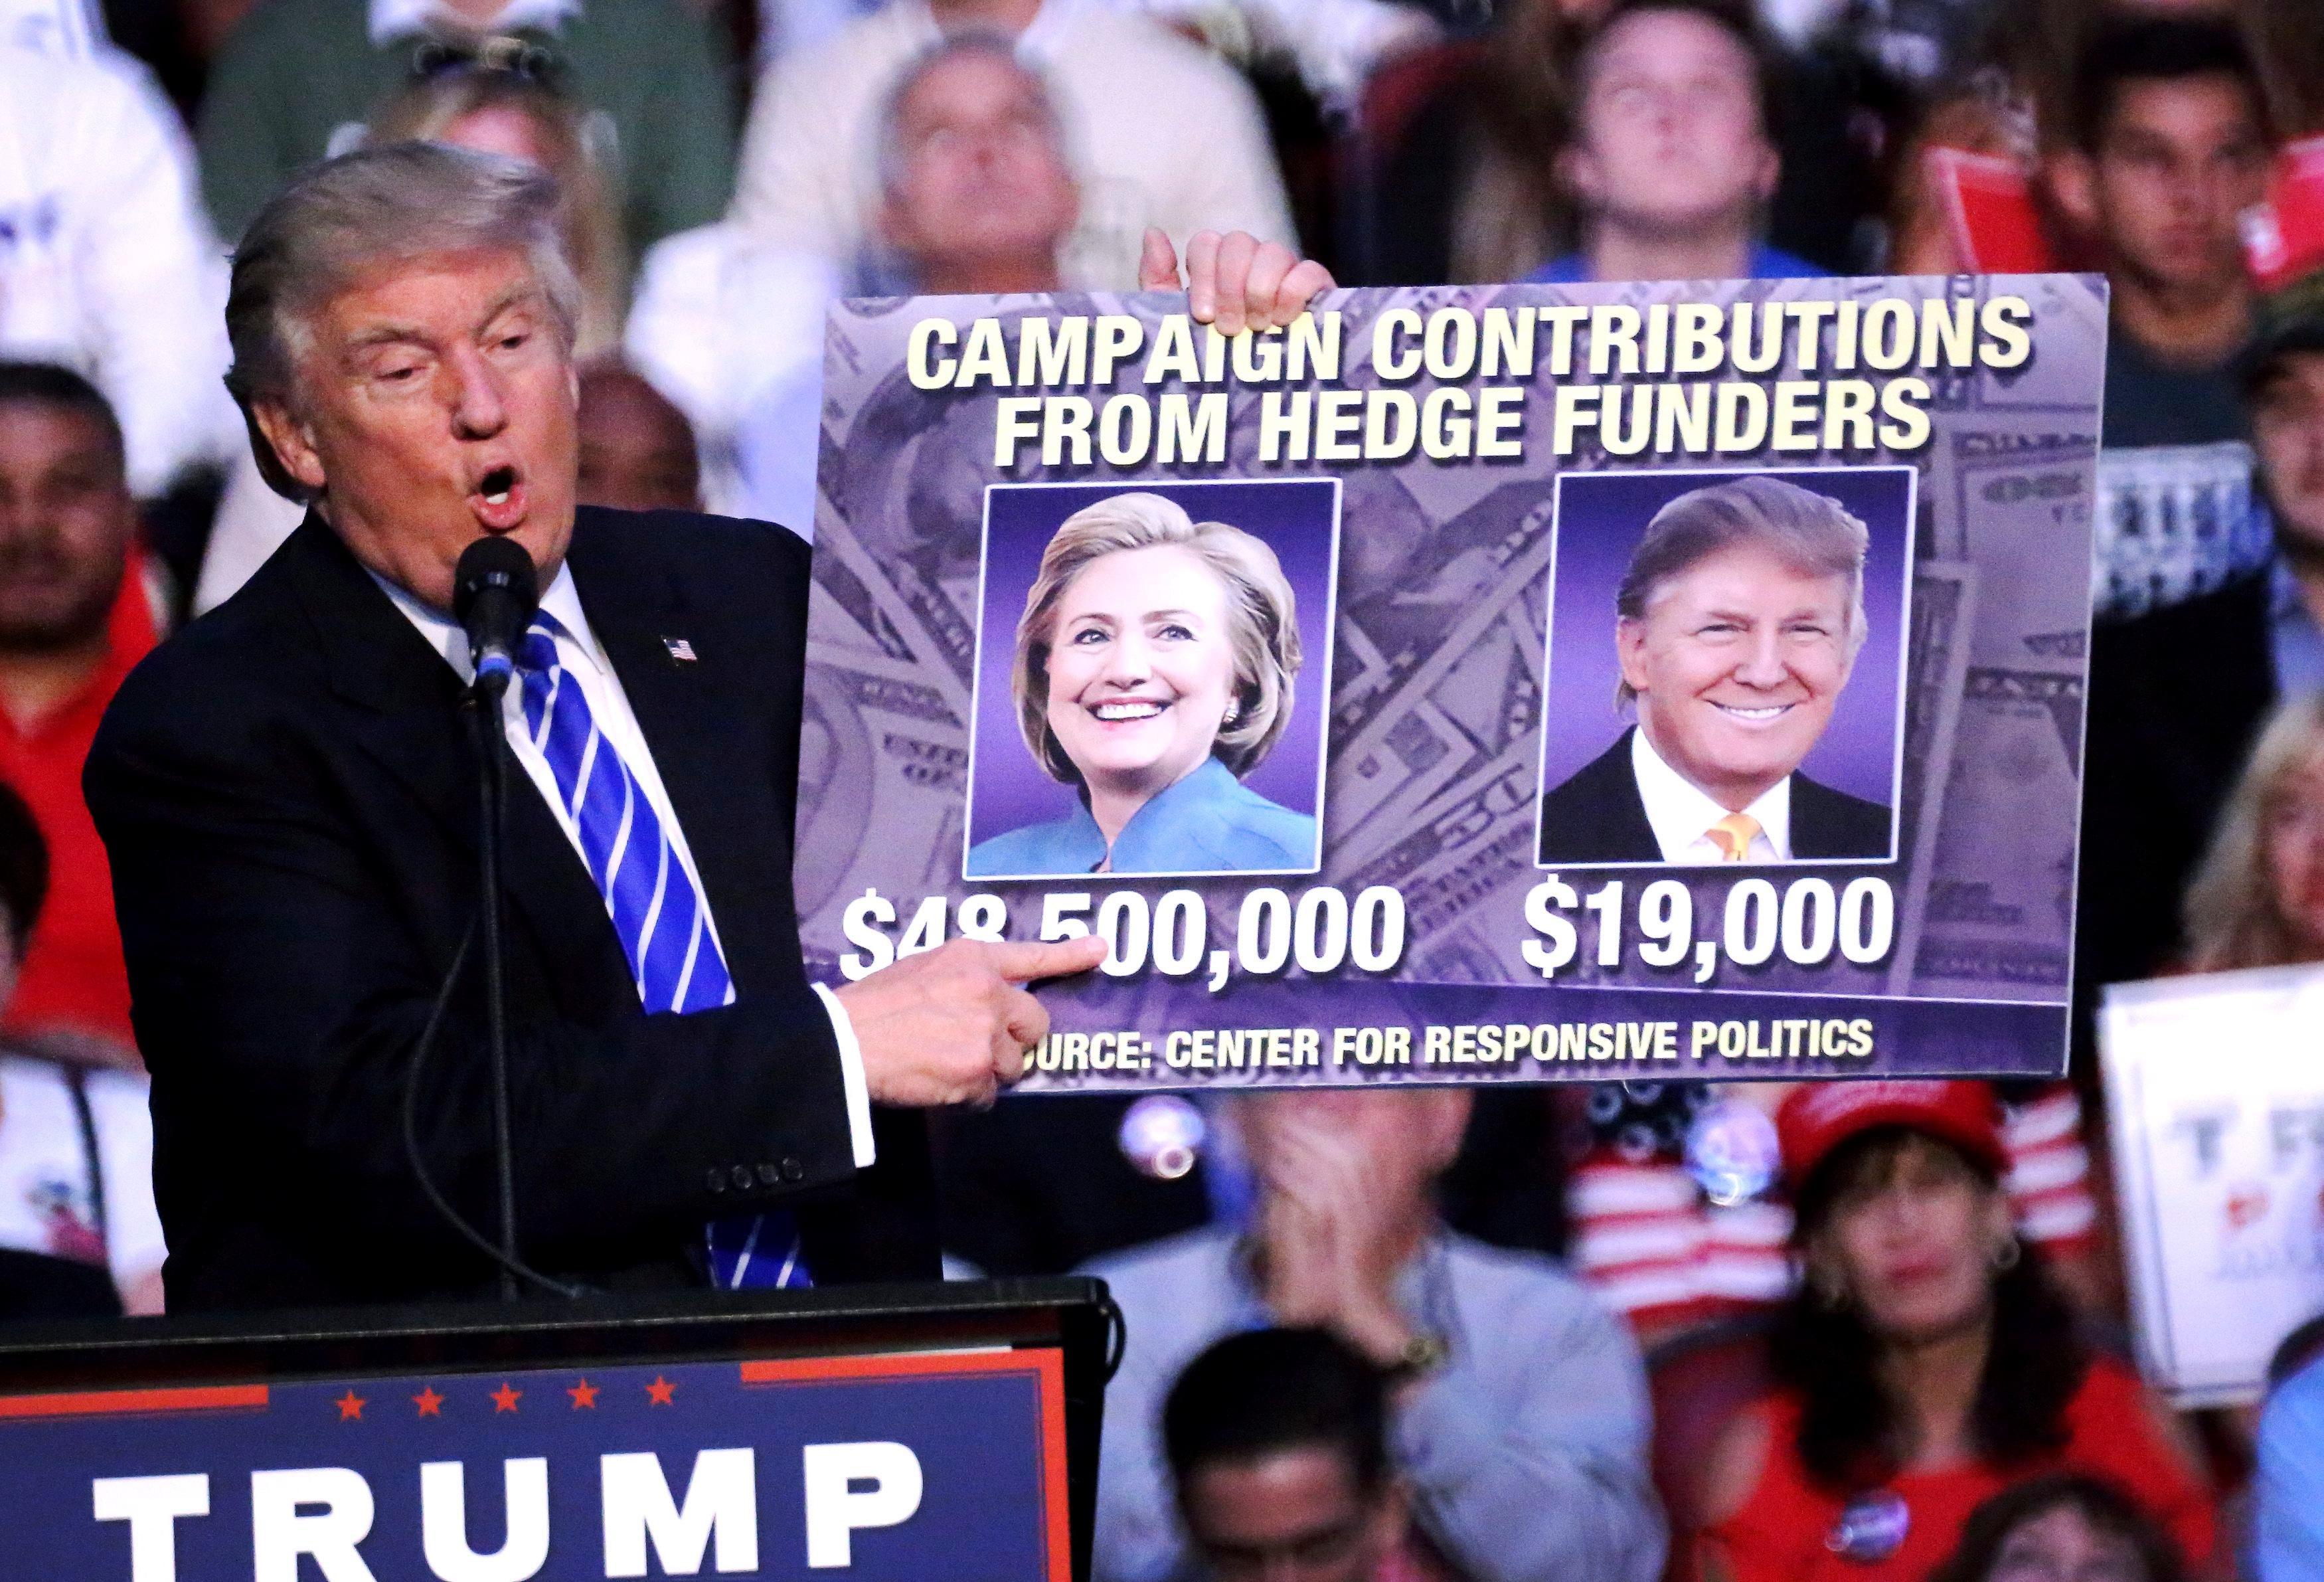 Доналд Тръмп показва колко пари е получил за кампанията си той и колко опонентът му за Белия дом Хилари Клинтън от хедж фондове